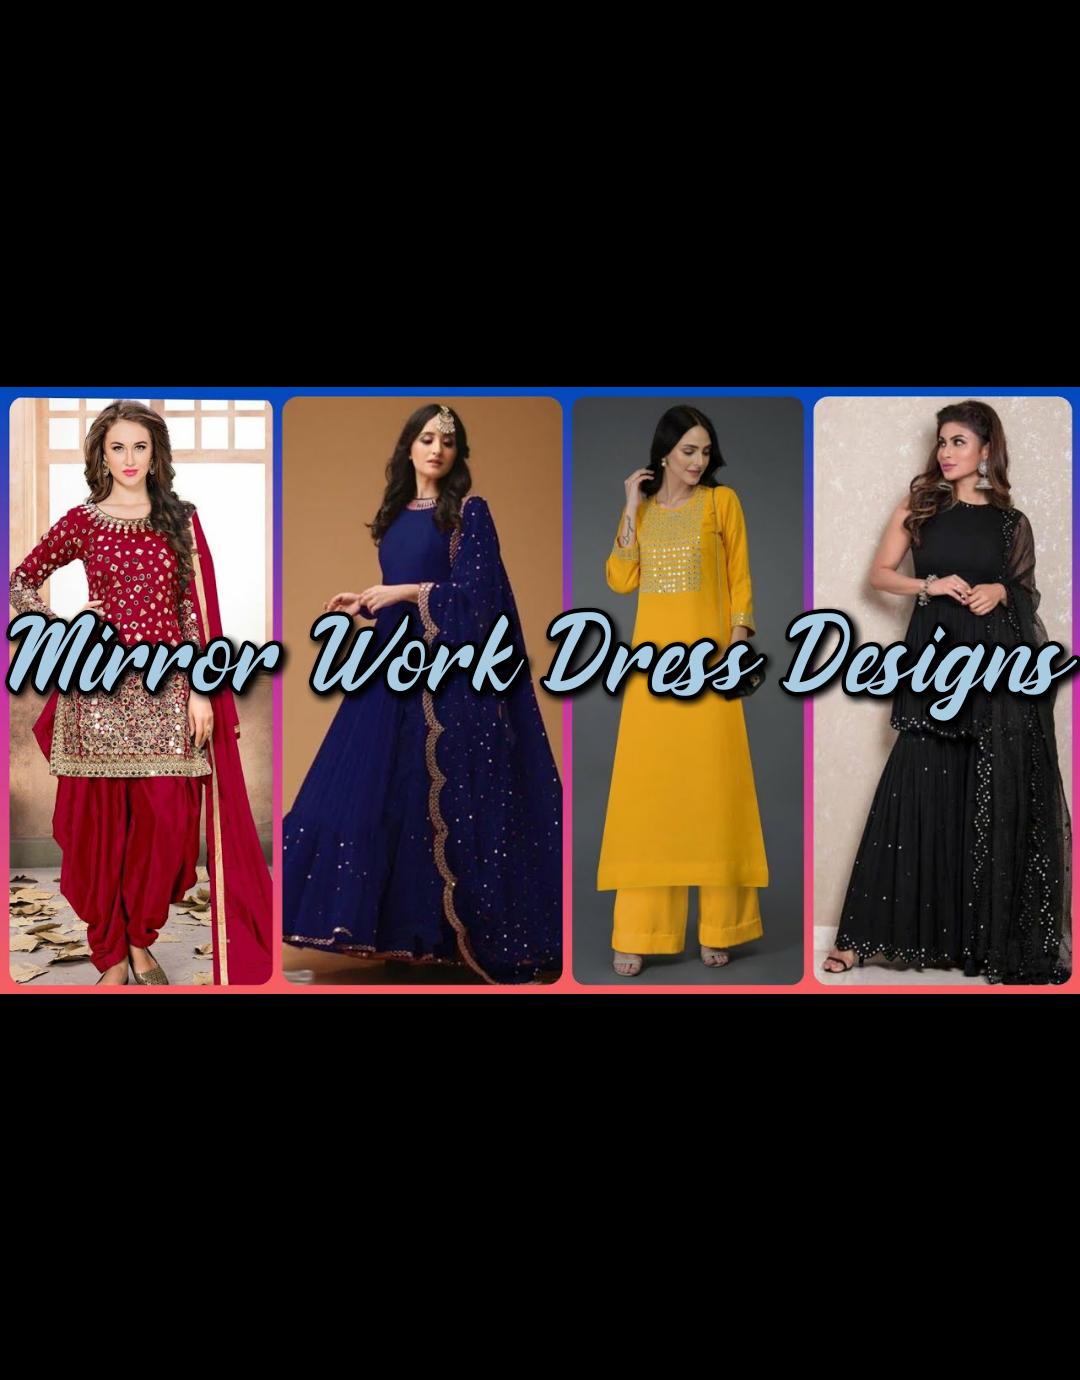 mirror work dress designs